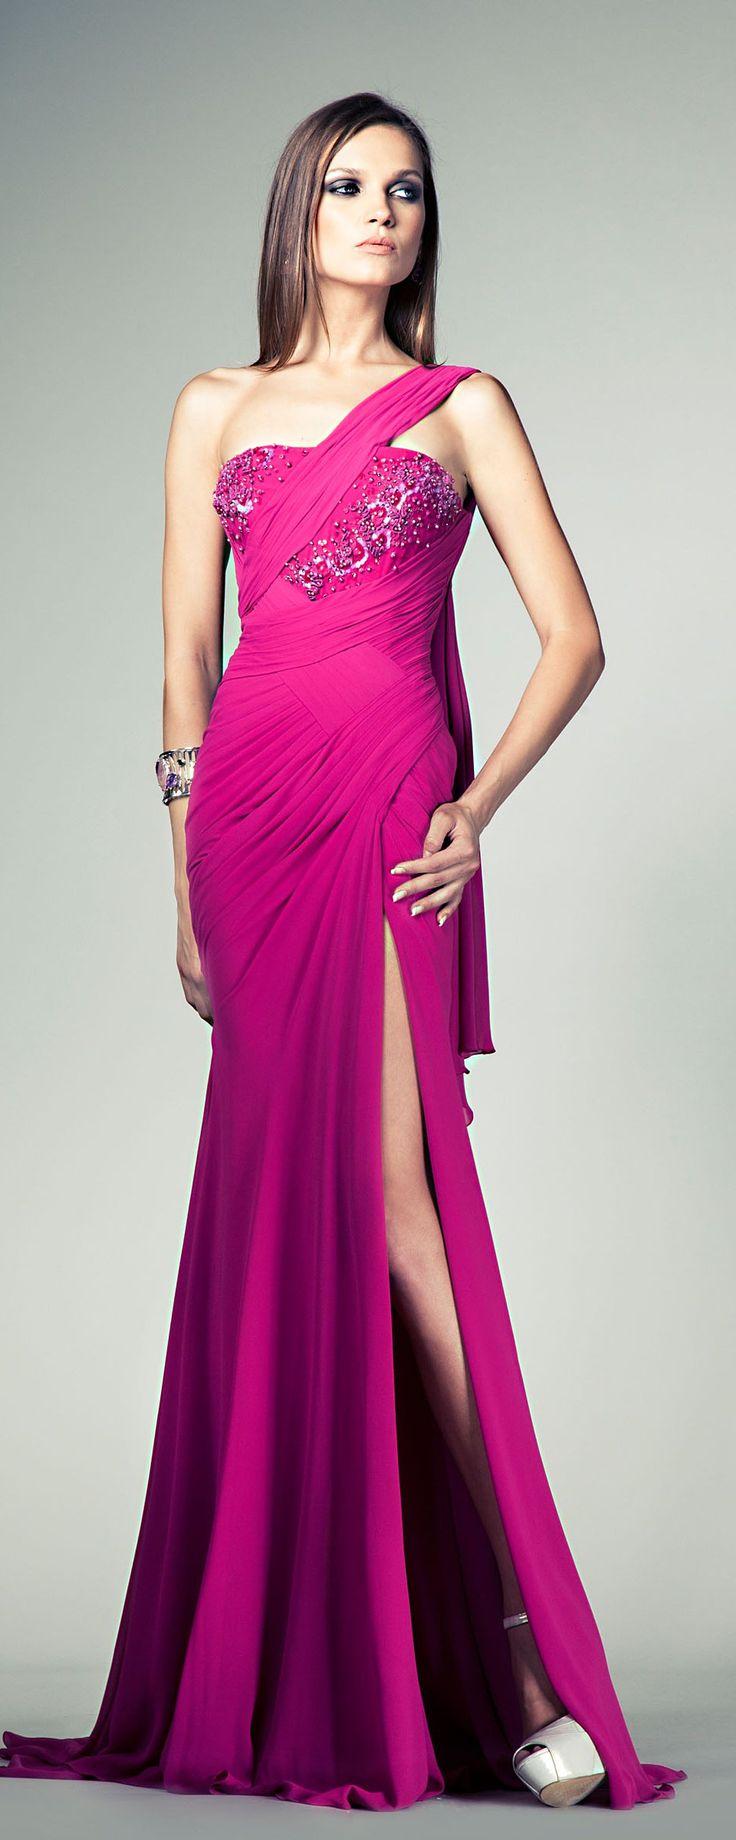 Hermosa Alquilar El Vestido Para La Boda Motivo - Colección de ...